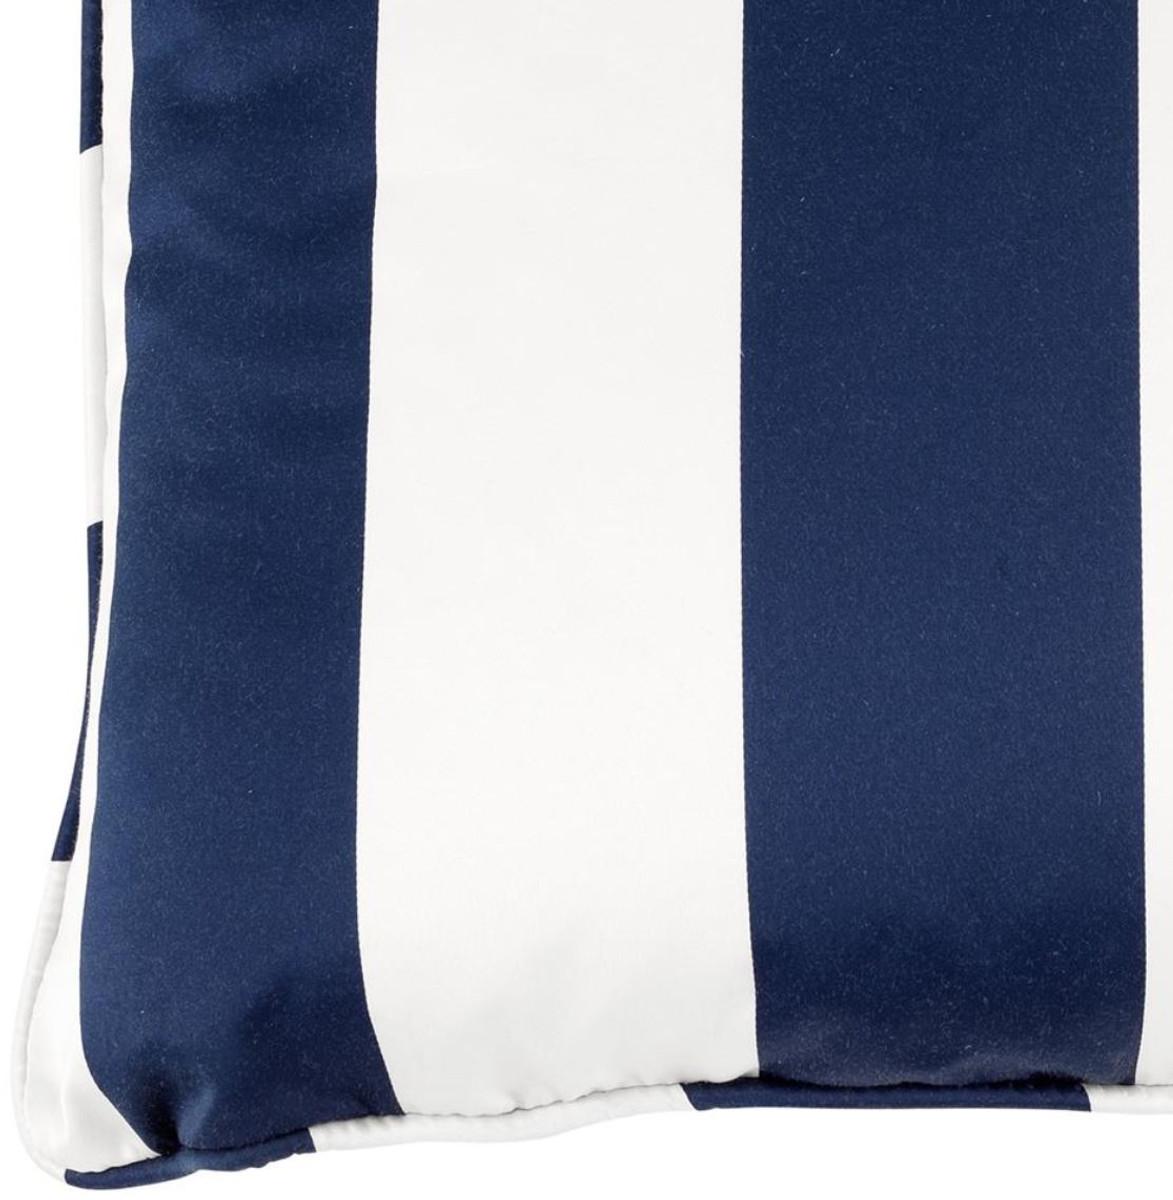 casa padrino luxus kissen blau wei 60 x 60 cm wohnzimmer accessoires heimtextilien luxus kissen. Black Bedroom Furniture Sets. Home Design Ideas